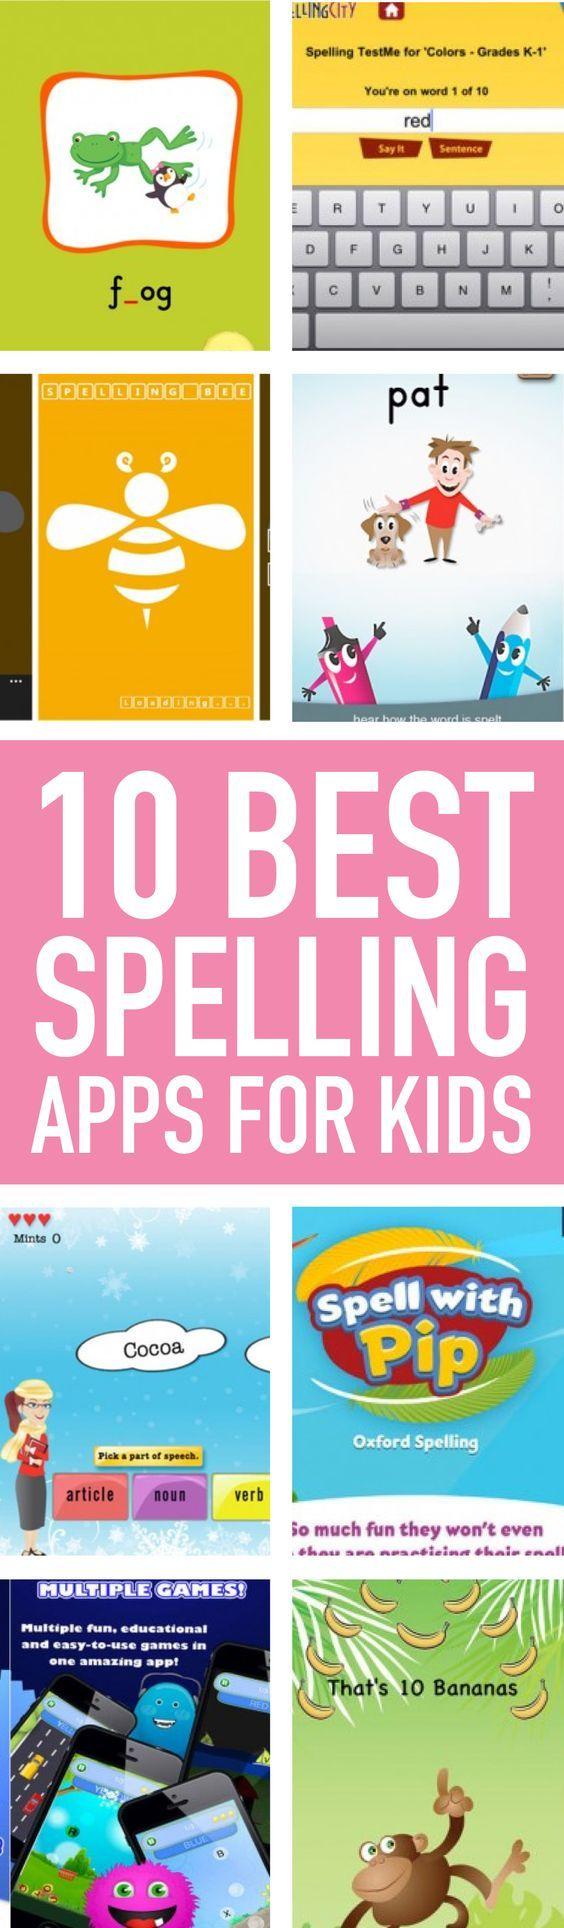 13 best spelling apps for kids